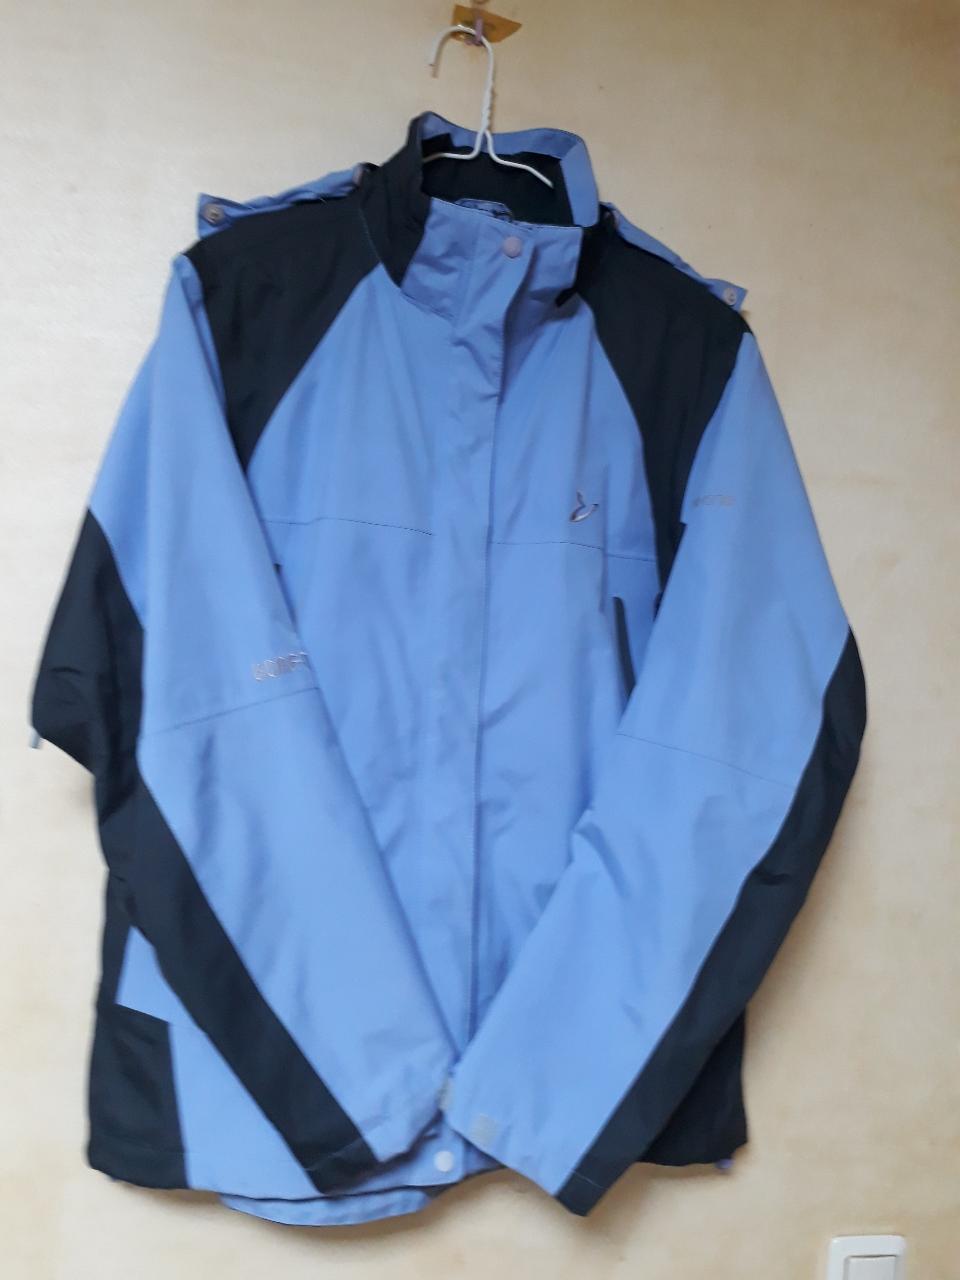 ⛰🌳🚵♀️여자등산복 95M사이즈  ※남편따라 산행한다고 이마트 등산복2층매장에서구입 산좋아하지않아 몇번입은 등산복